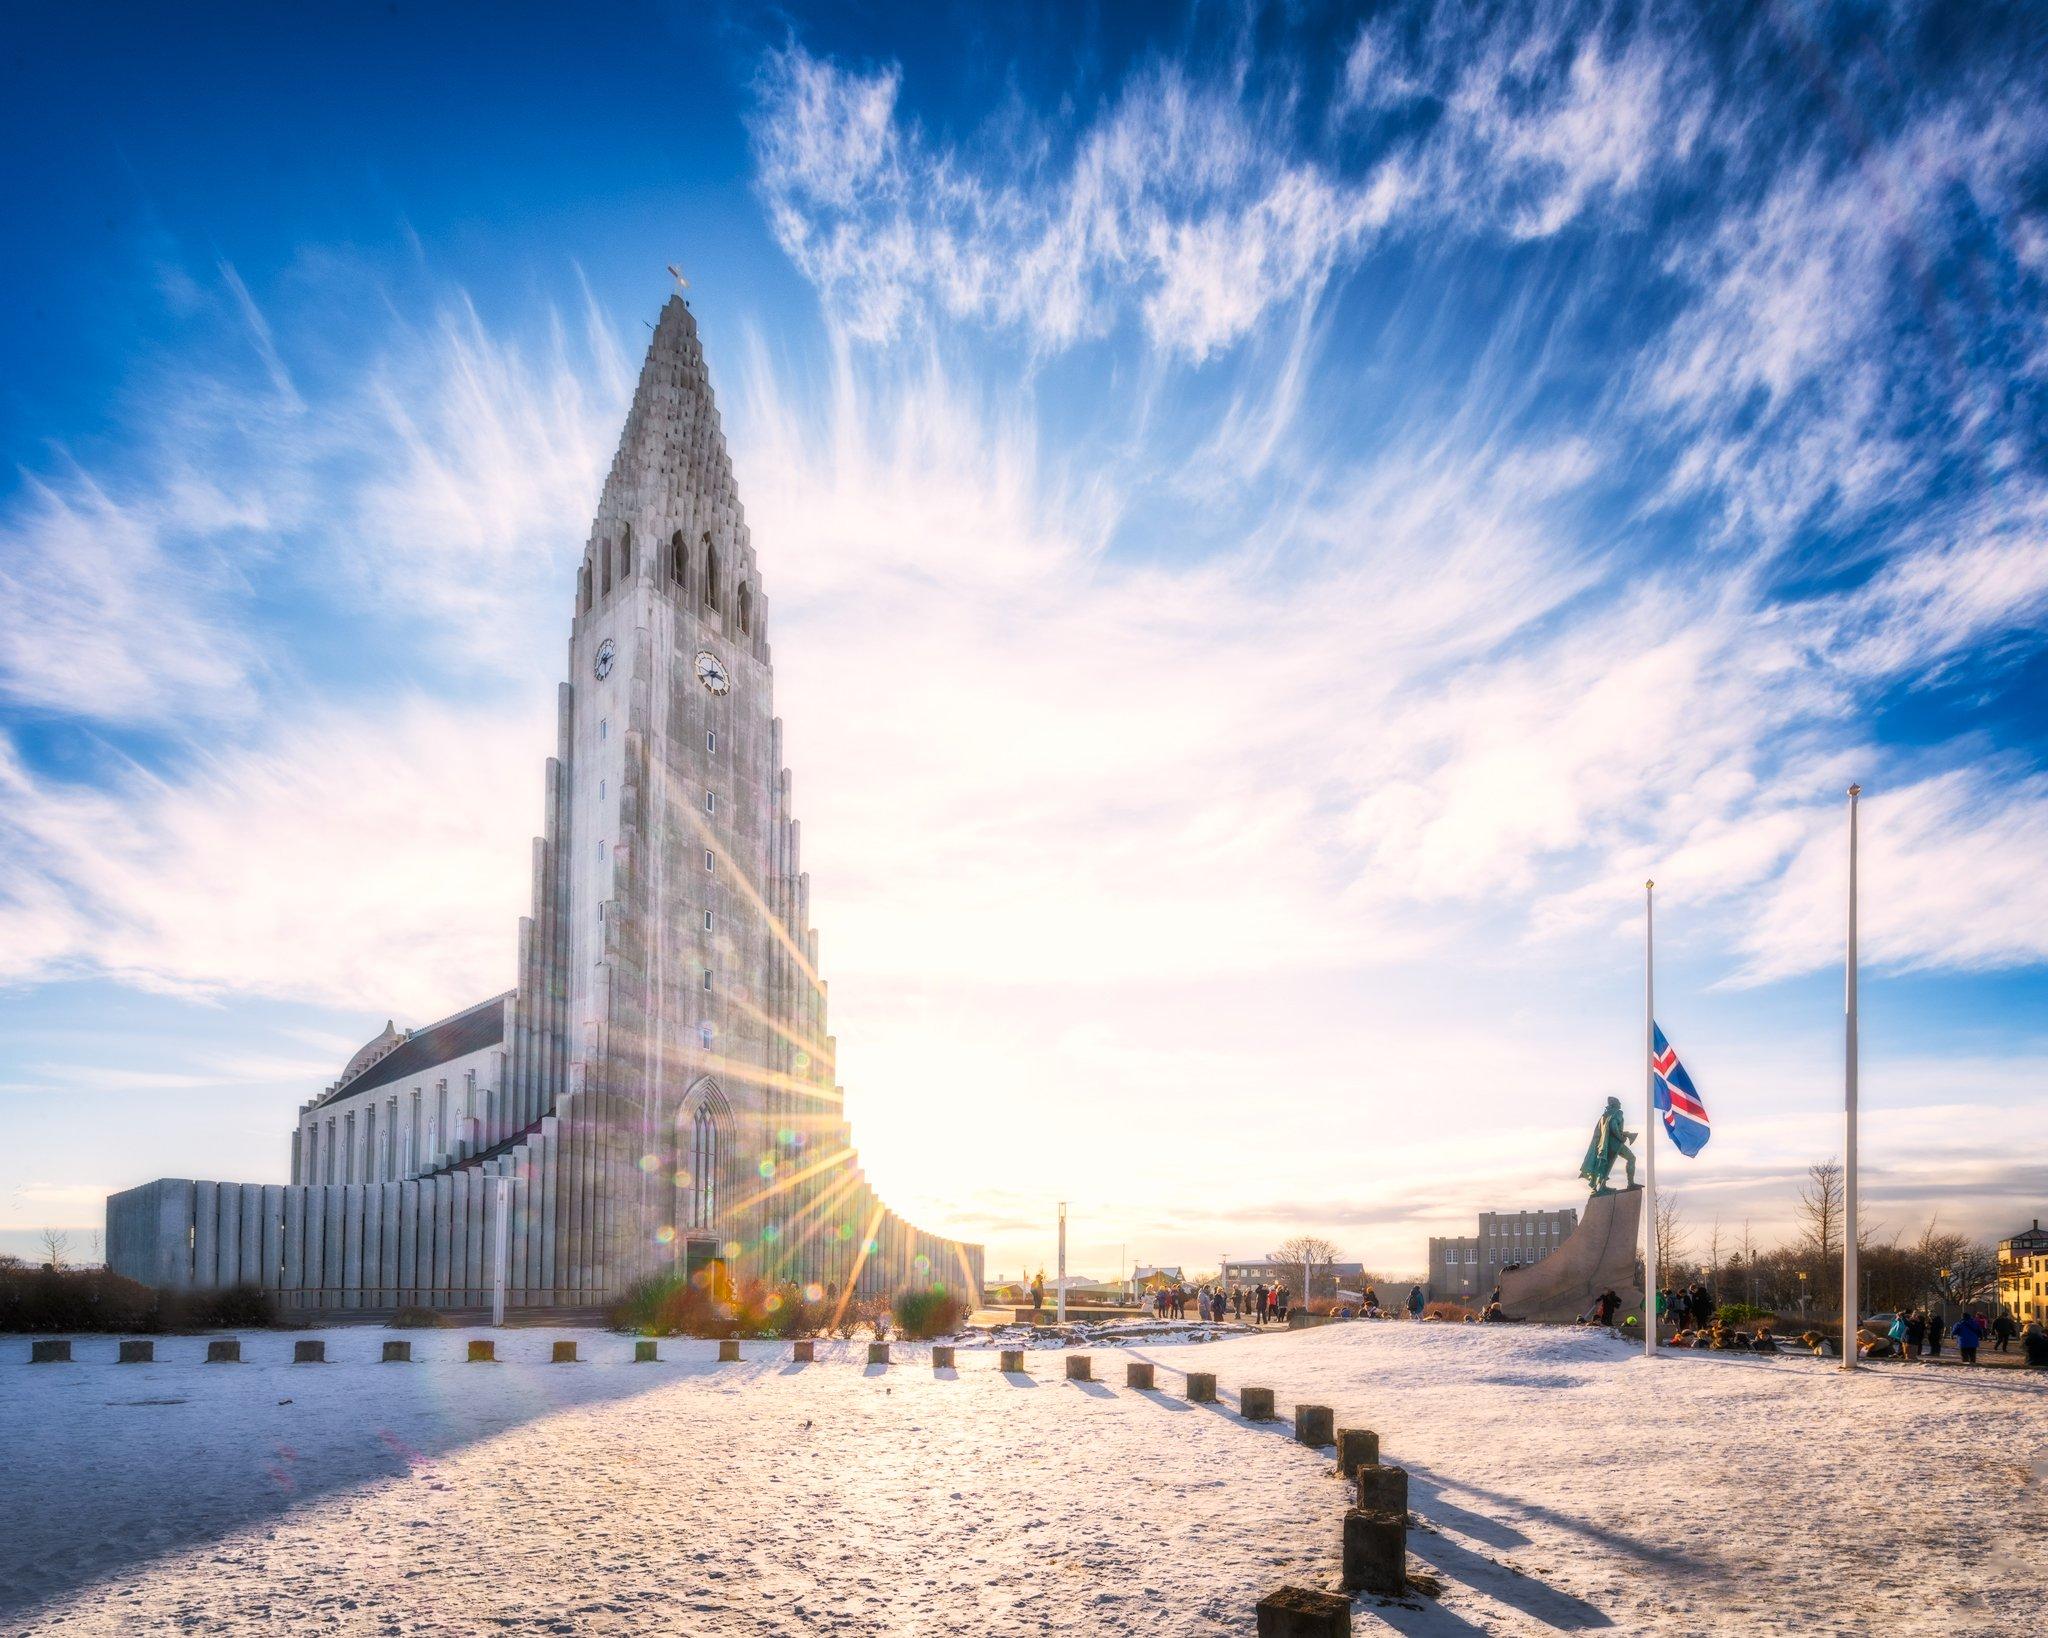 Reykjavik Church at sunset - Hallgrímskirkja, Iceland